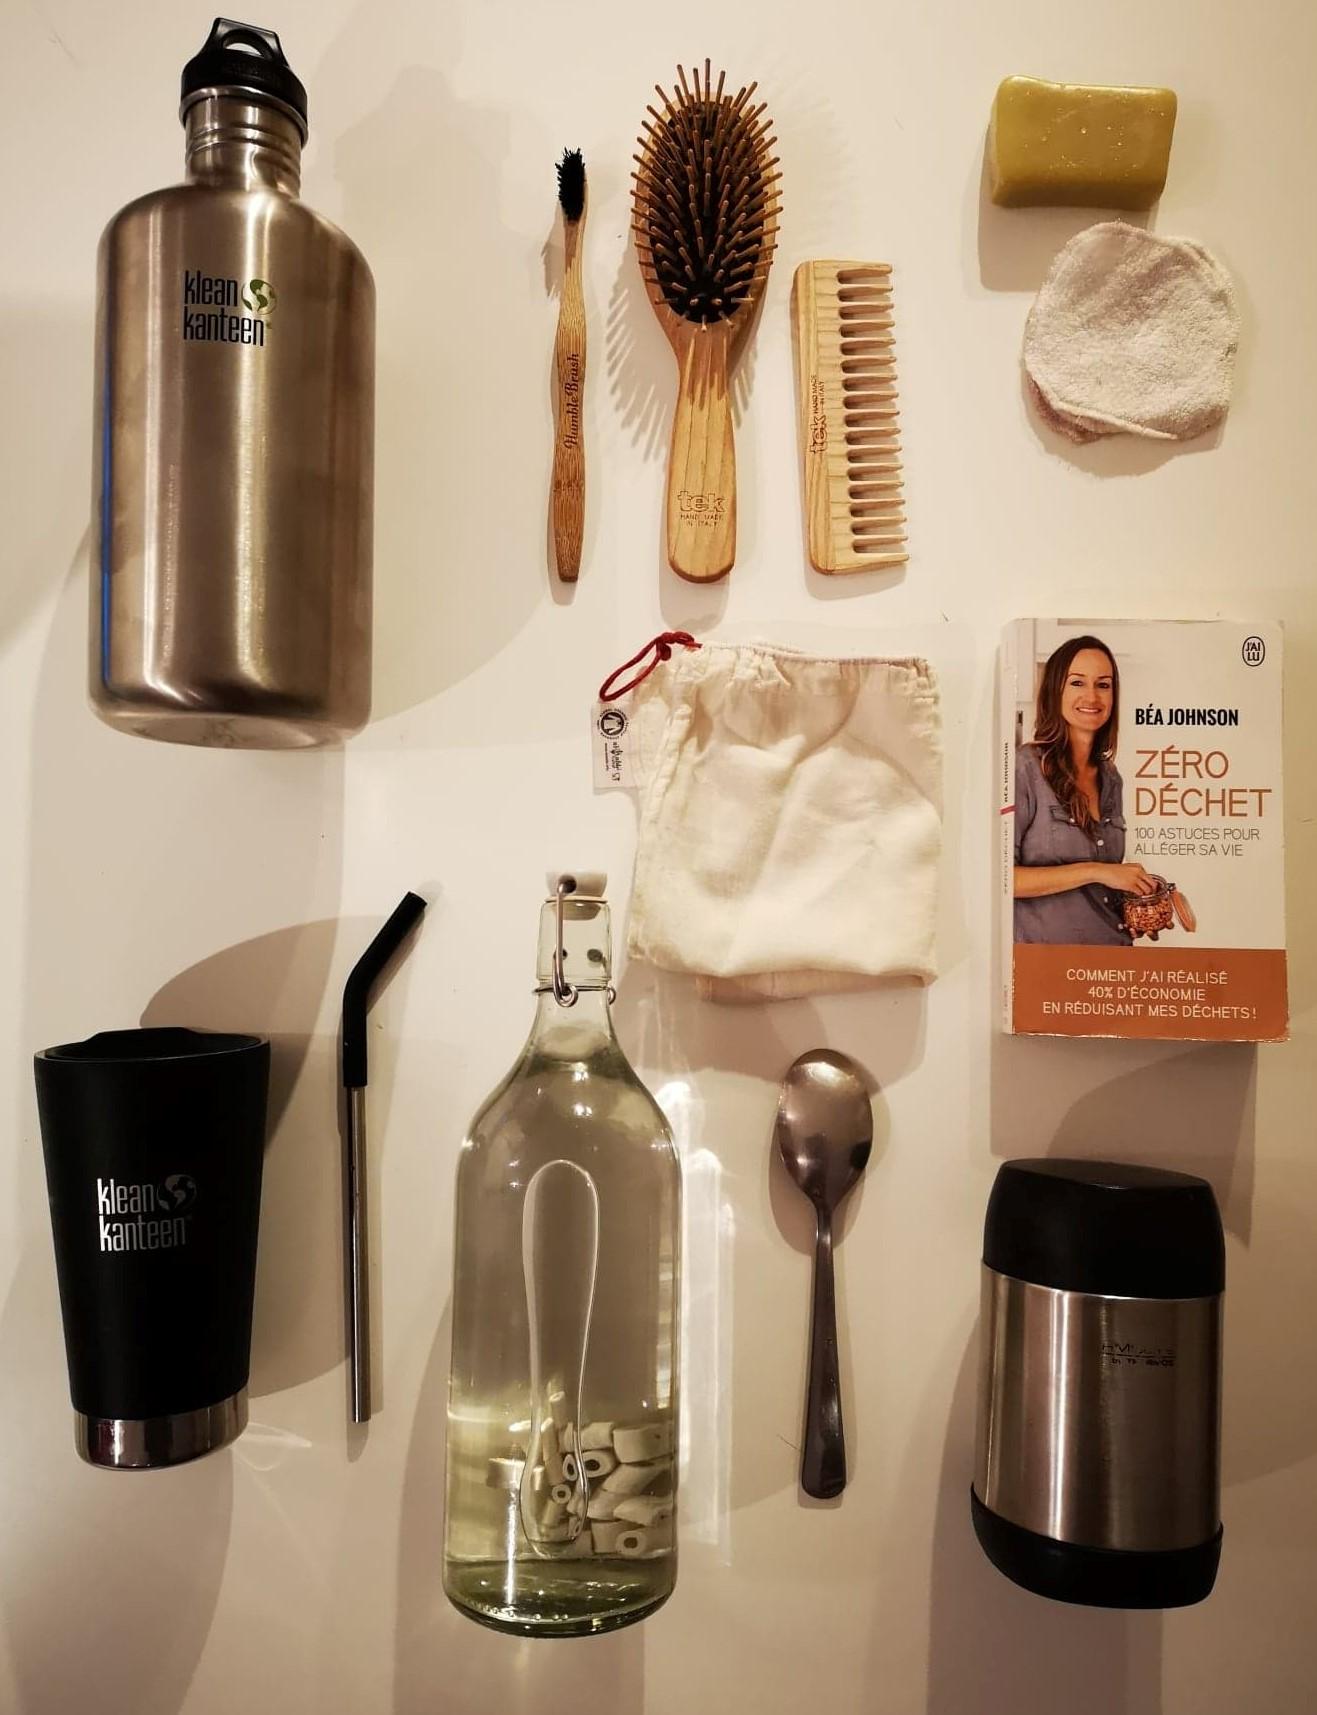 Kit zéro déchet (savon, cotons démaquillants, gourde, objets en bois, sacs à vrac... autant d'objets faciles à adopter !)